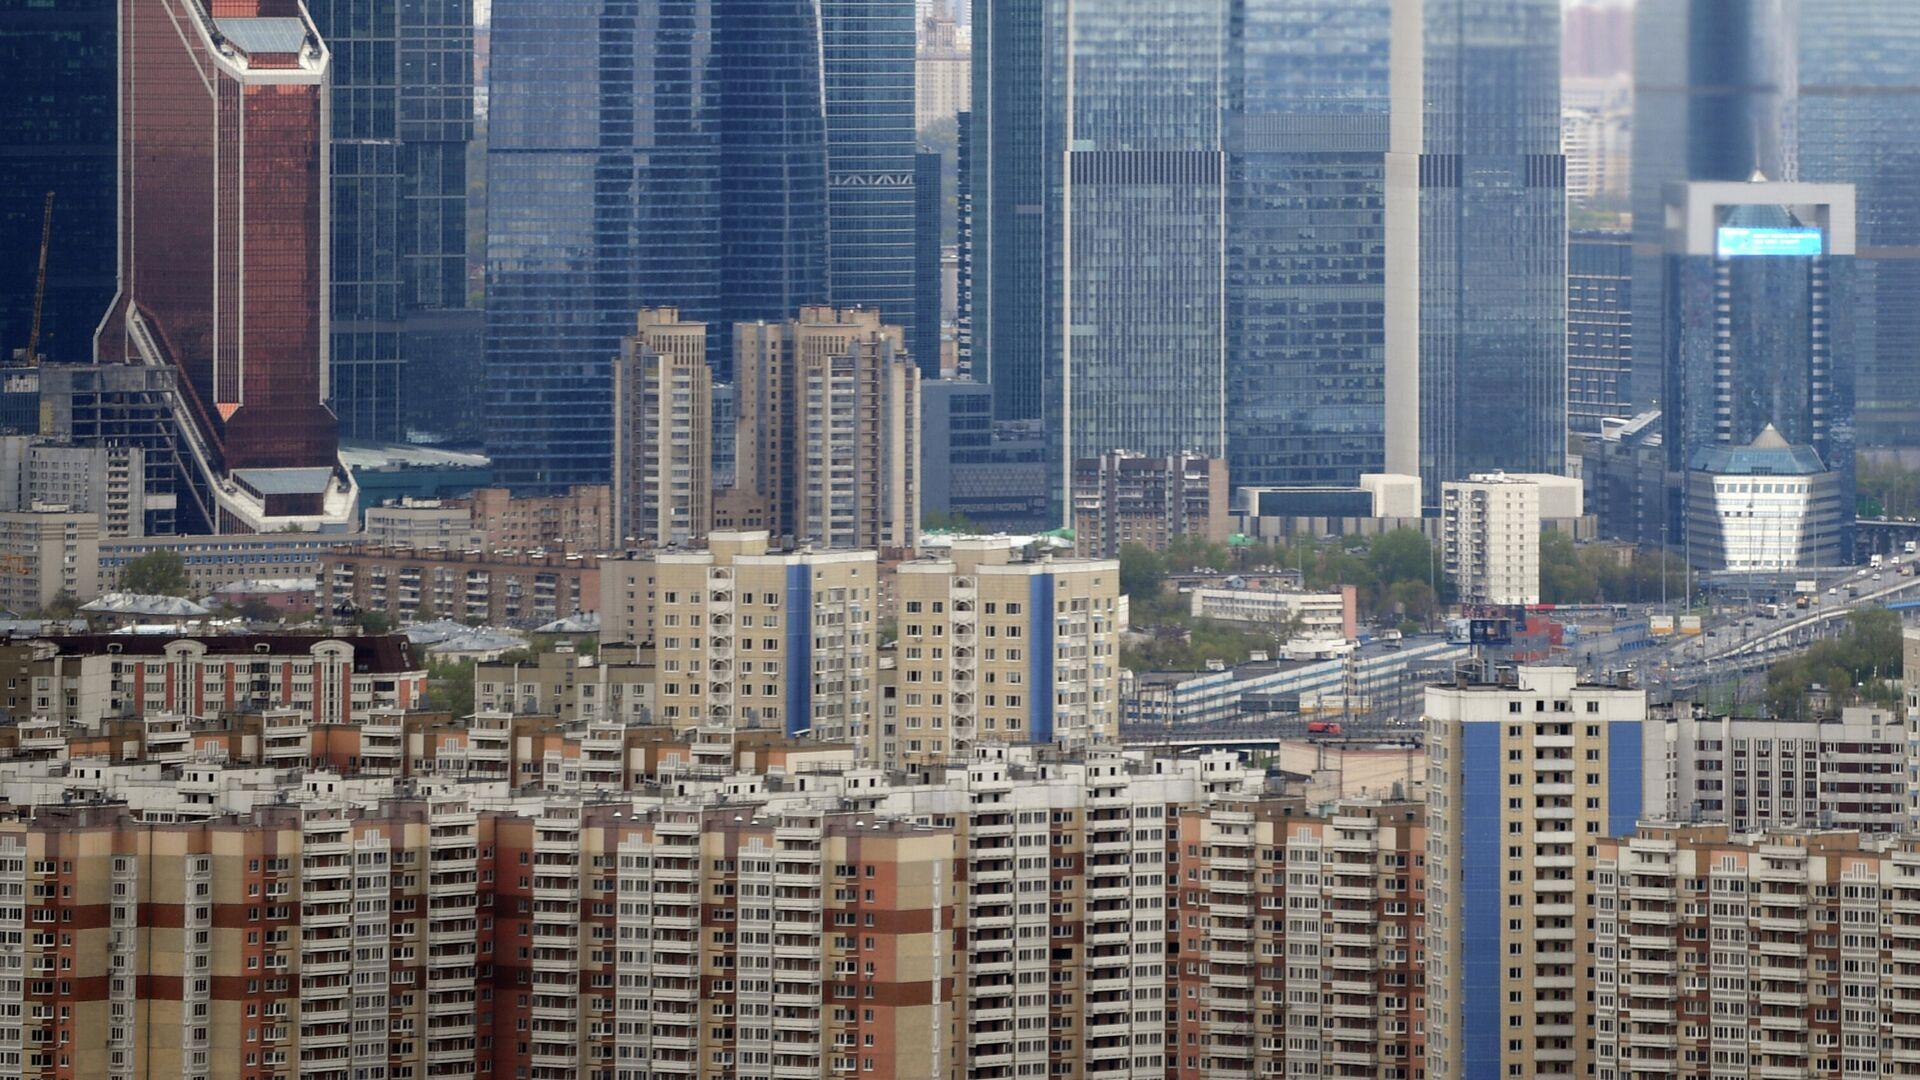 Многоэтажные жилые дома в Москве - РИА Новости, 1920, 17.05.2021